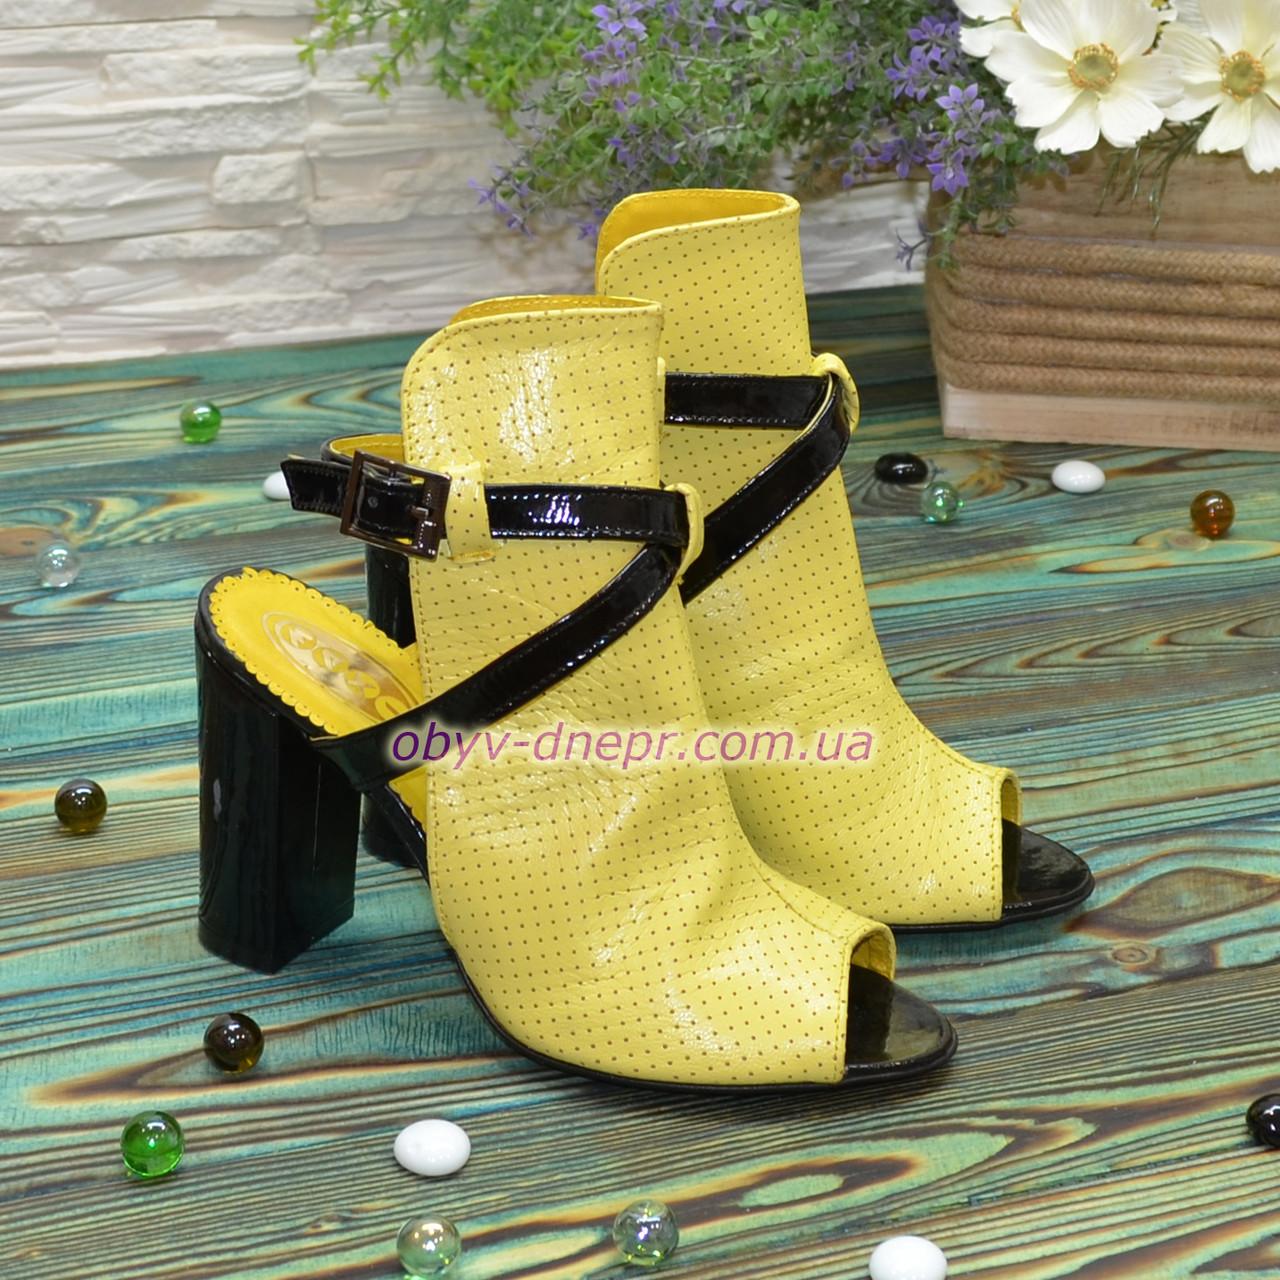 Женские кожаные босоножки на высоком устойчивом каблуке, цвет желтый/черный